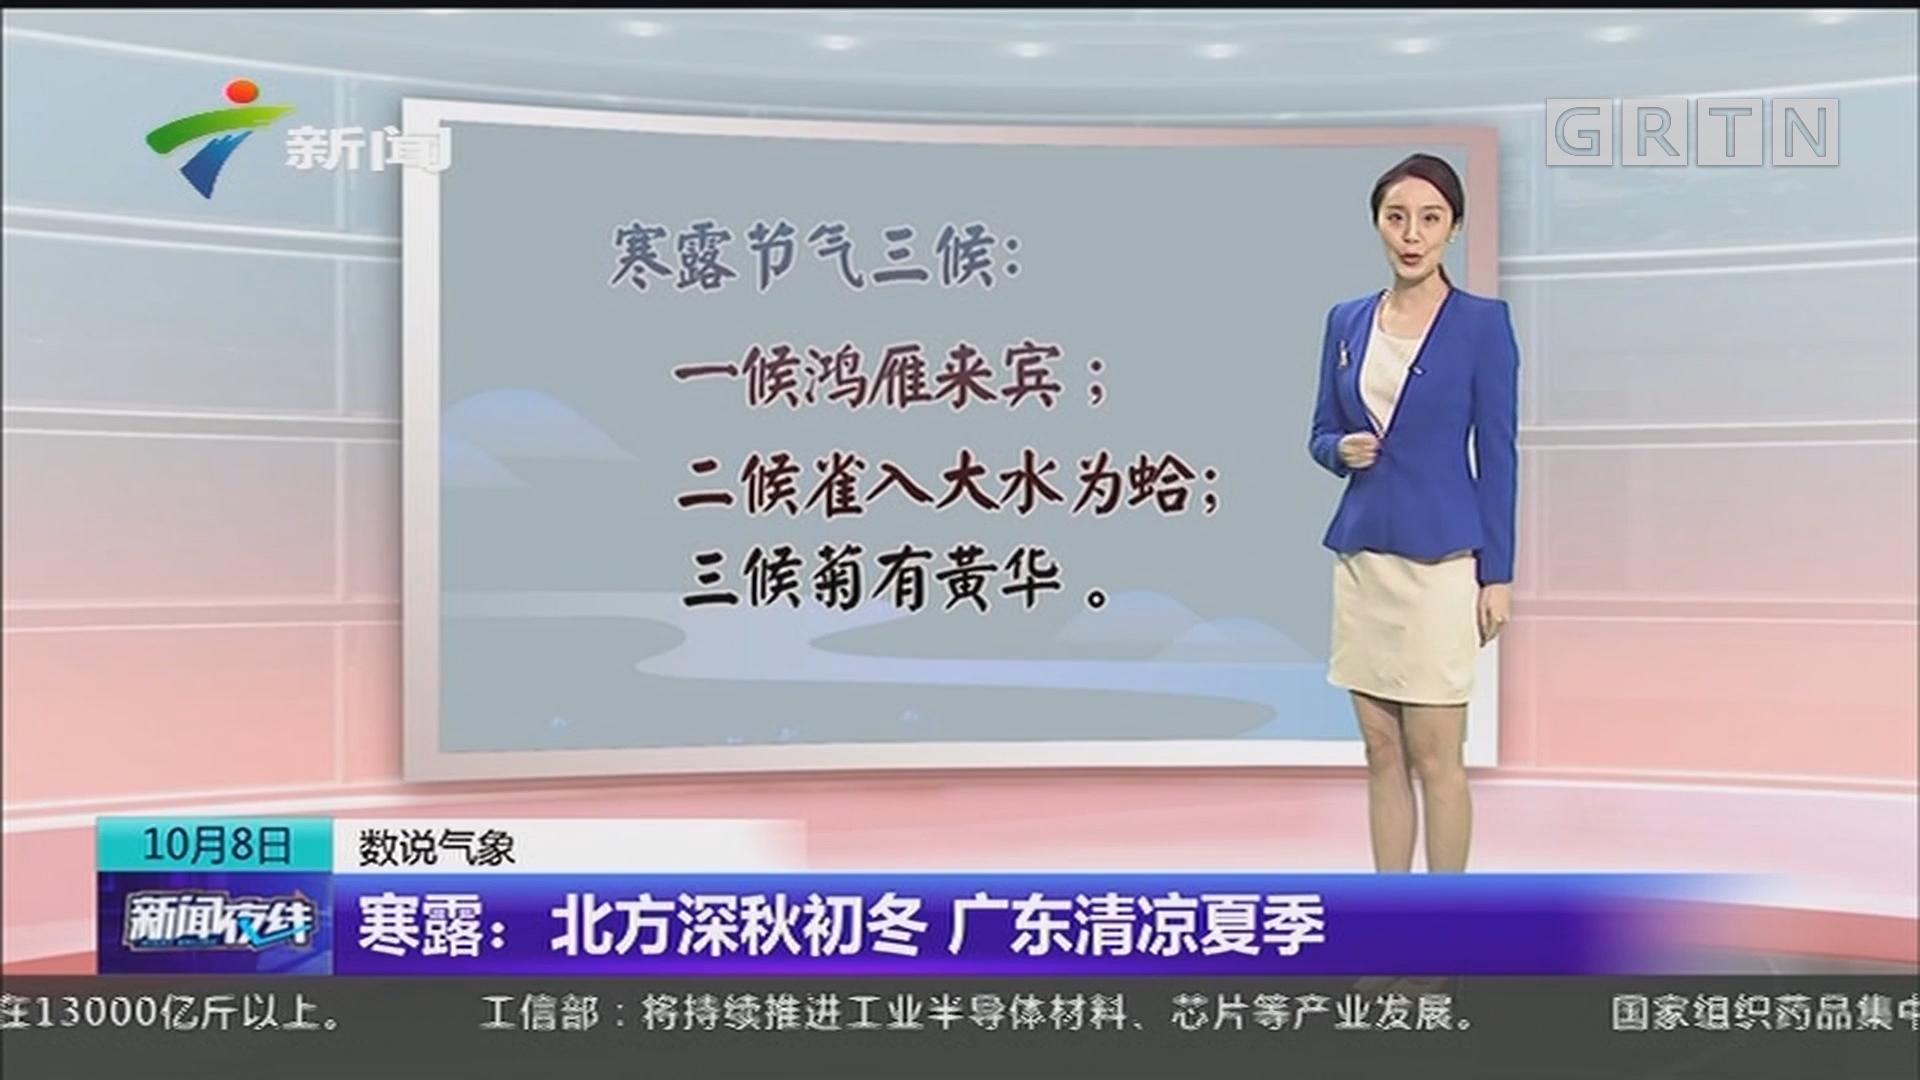 数说气象 寒露:北方深秋初冬 广东清凉夏季